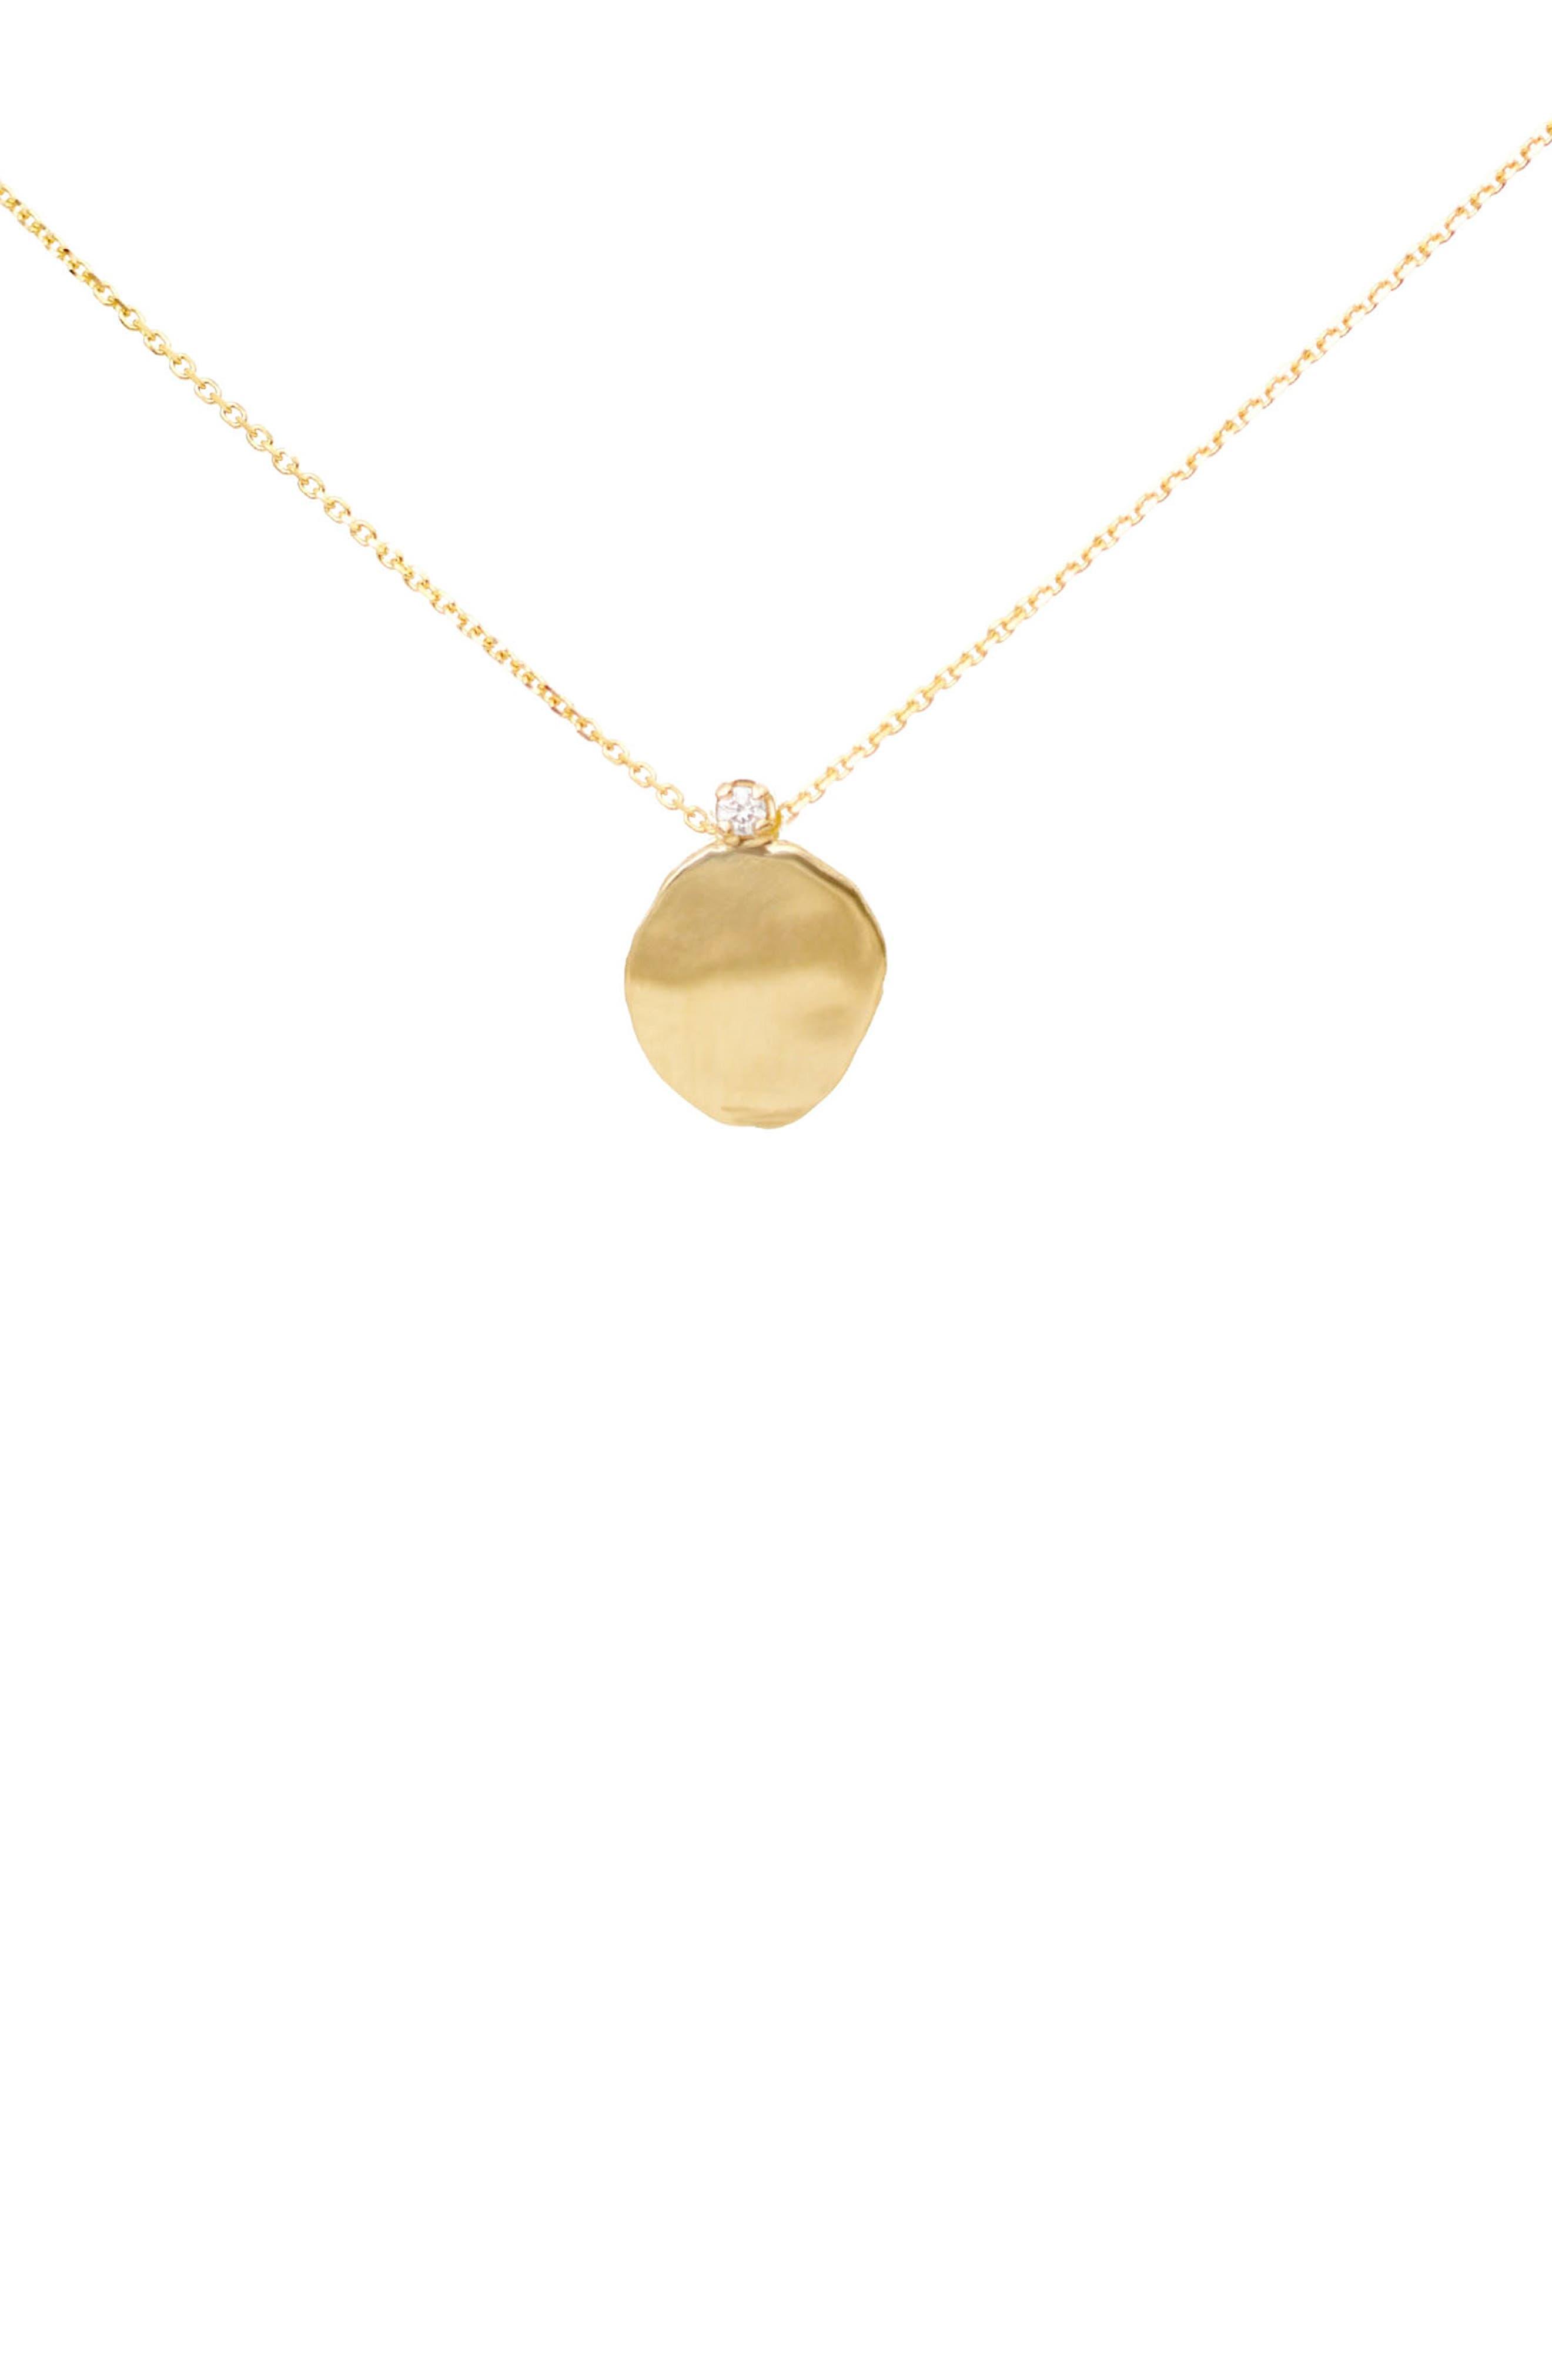 Large Disc Diamond Pendant Necklace,                             Main thumbnail 1, color,                             710